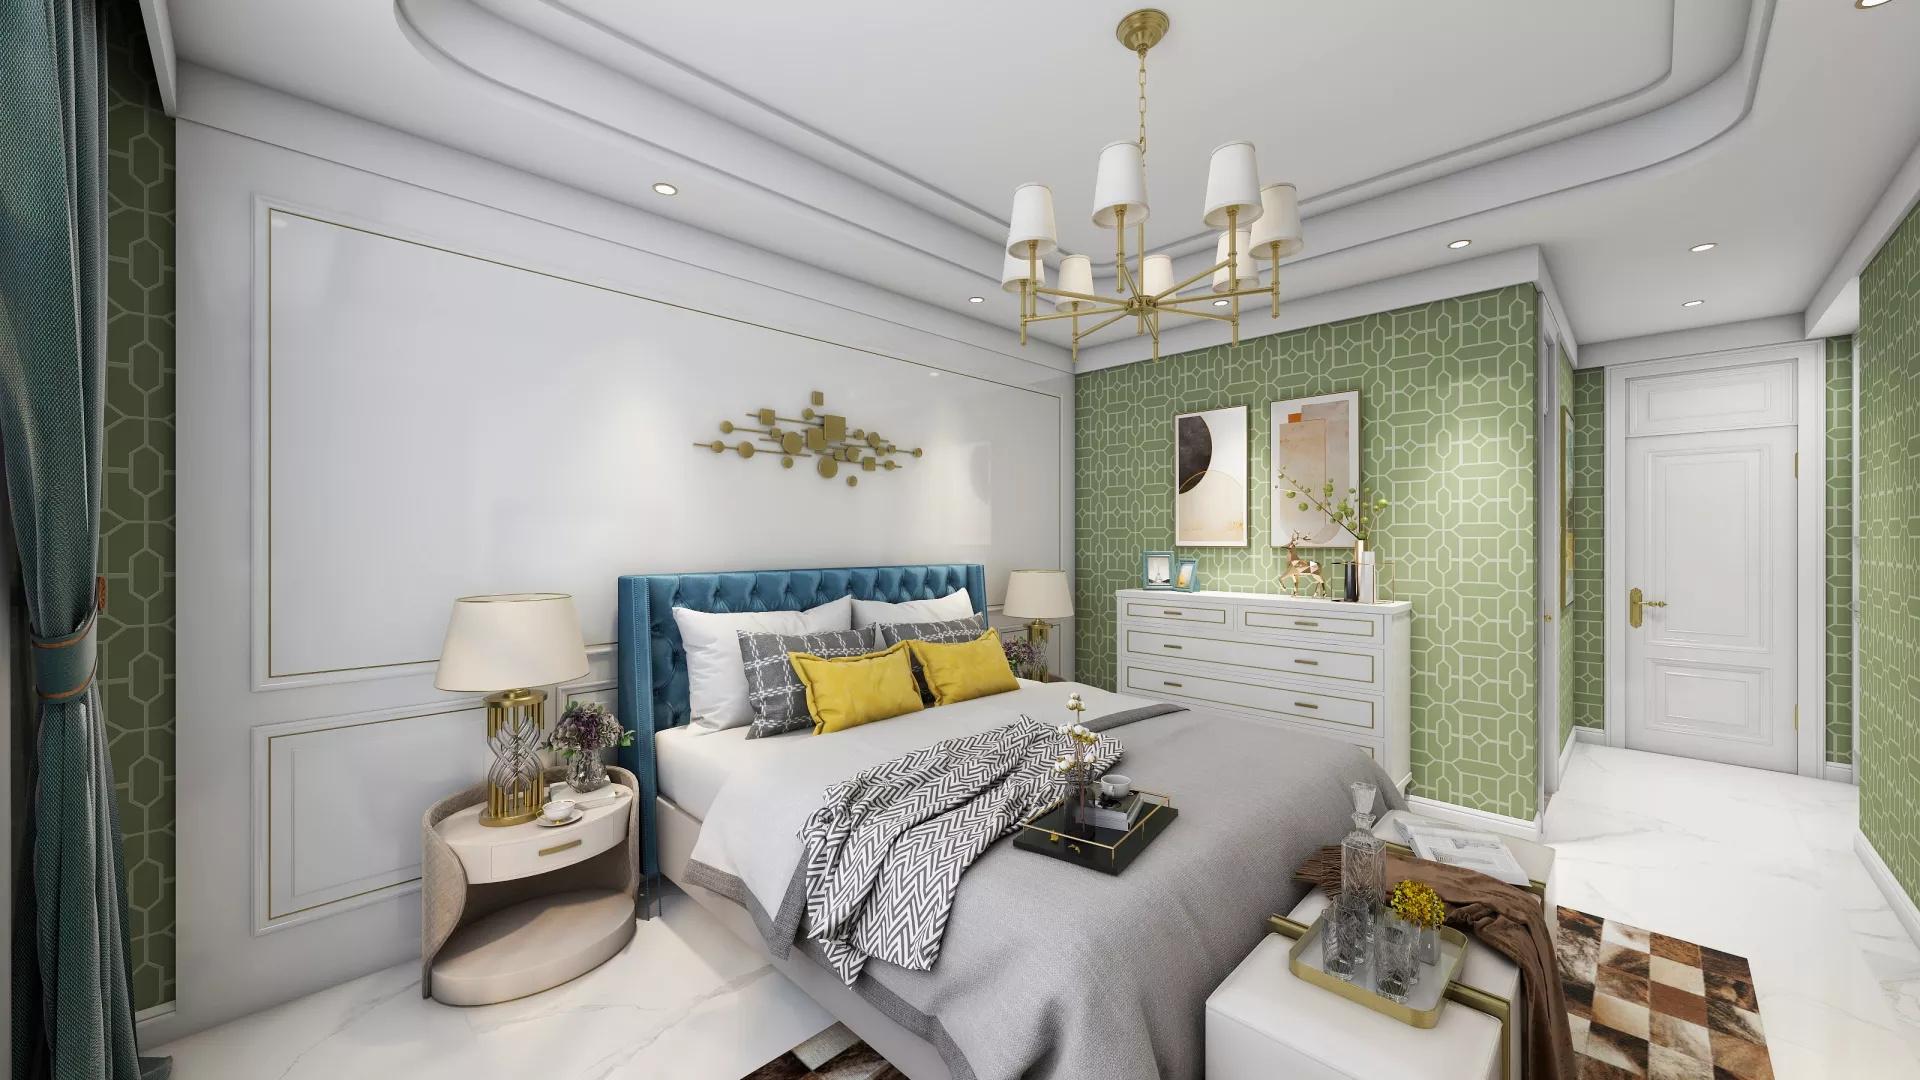 客厅风水装饰注意事项 卫生间布置要点有哪些